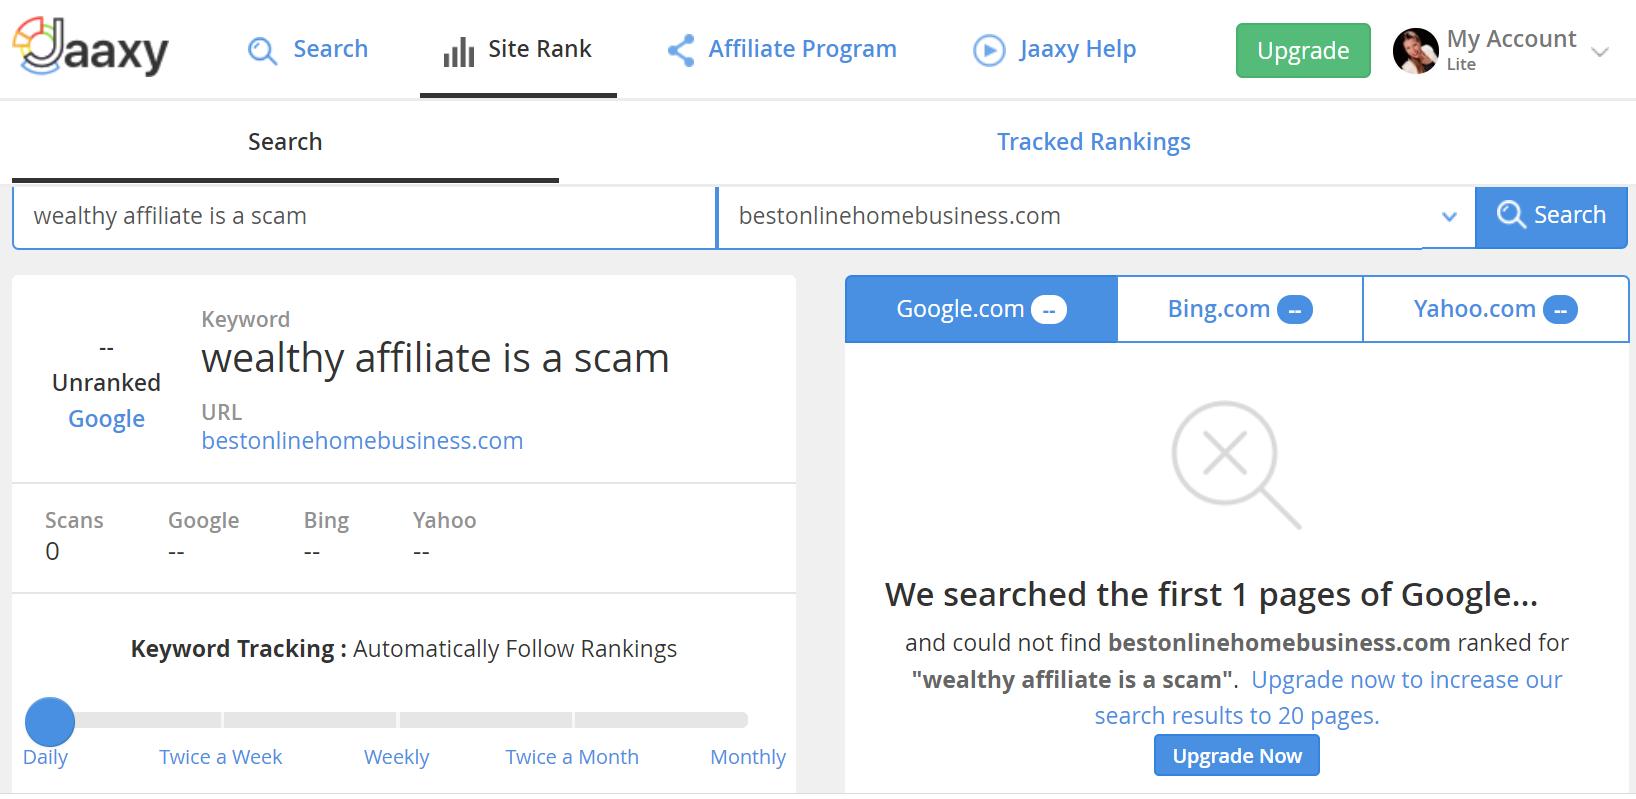 Jaaxy-Site-Rank